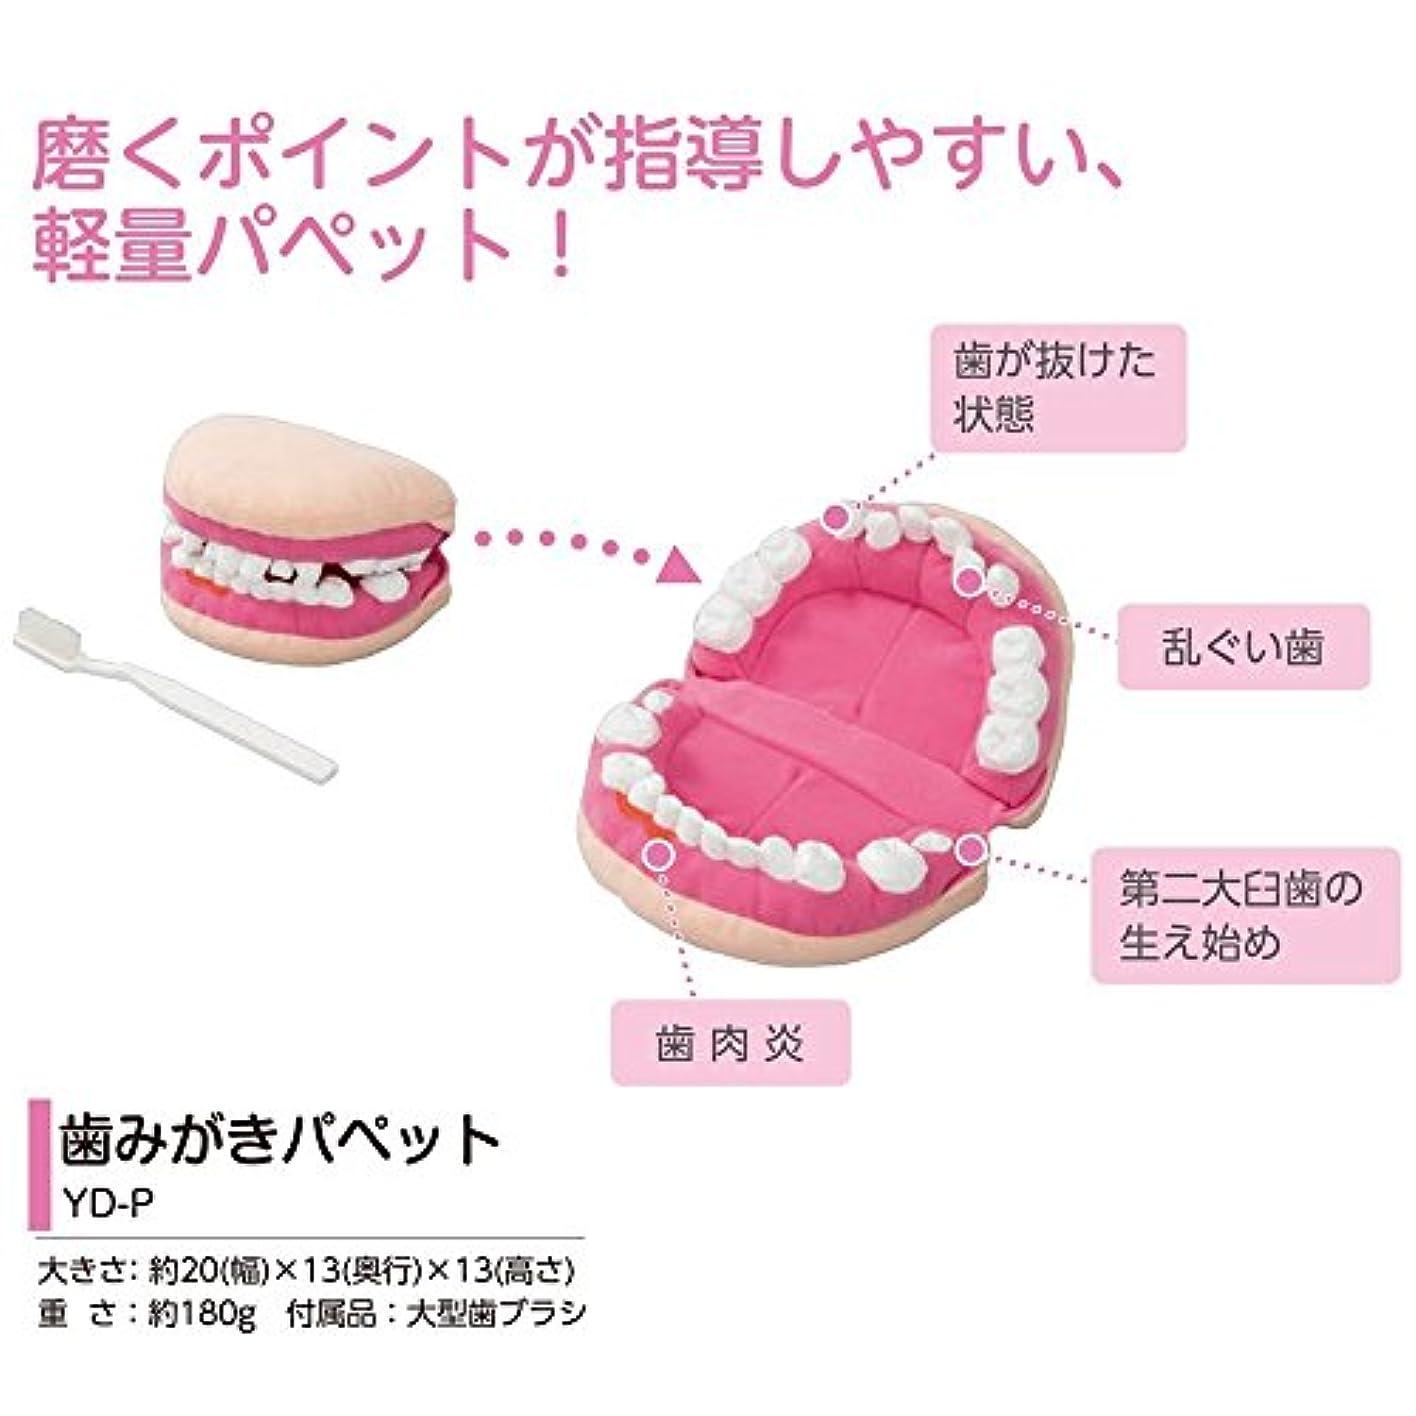 アルカイック宿泊衣装歯磨き指導用パペット YD-P 人形 ぬいぐるみ 歯みがきパペット